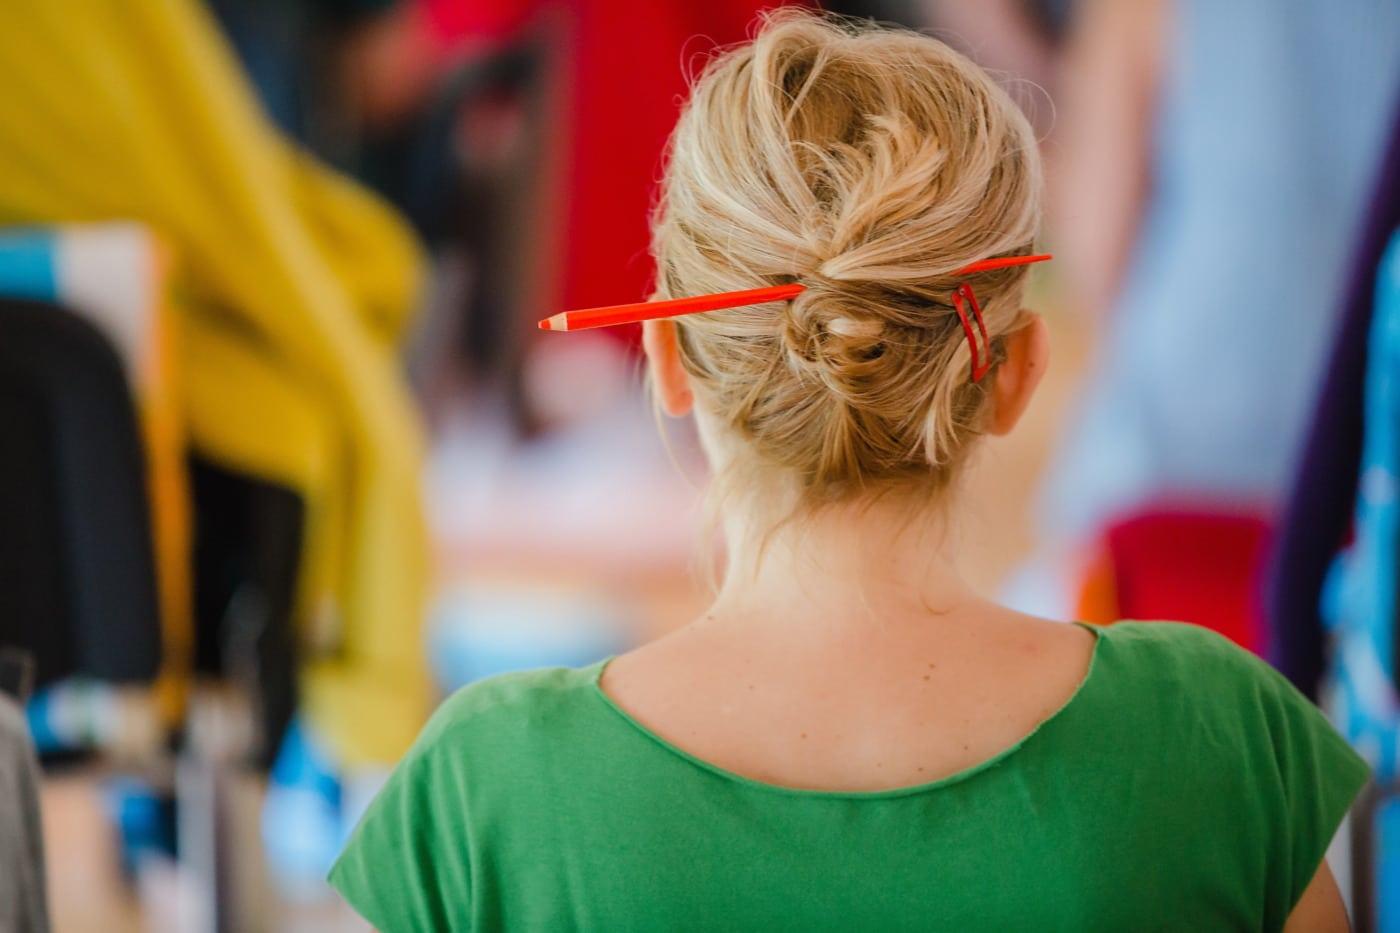 fryzurę, salon fryzjerski, blond włosy, Blondynka, włosy, ołówek, portret, ludzie, Kobieta, Dziewczyna